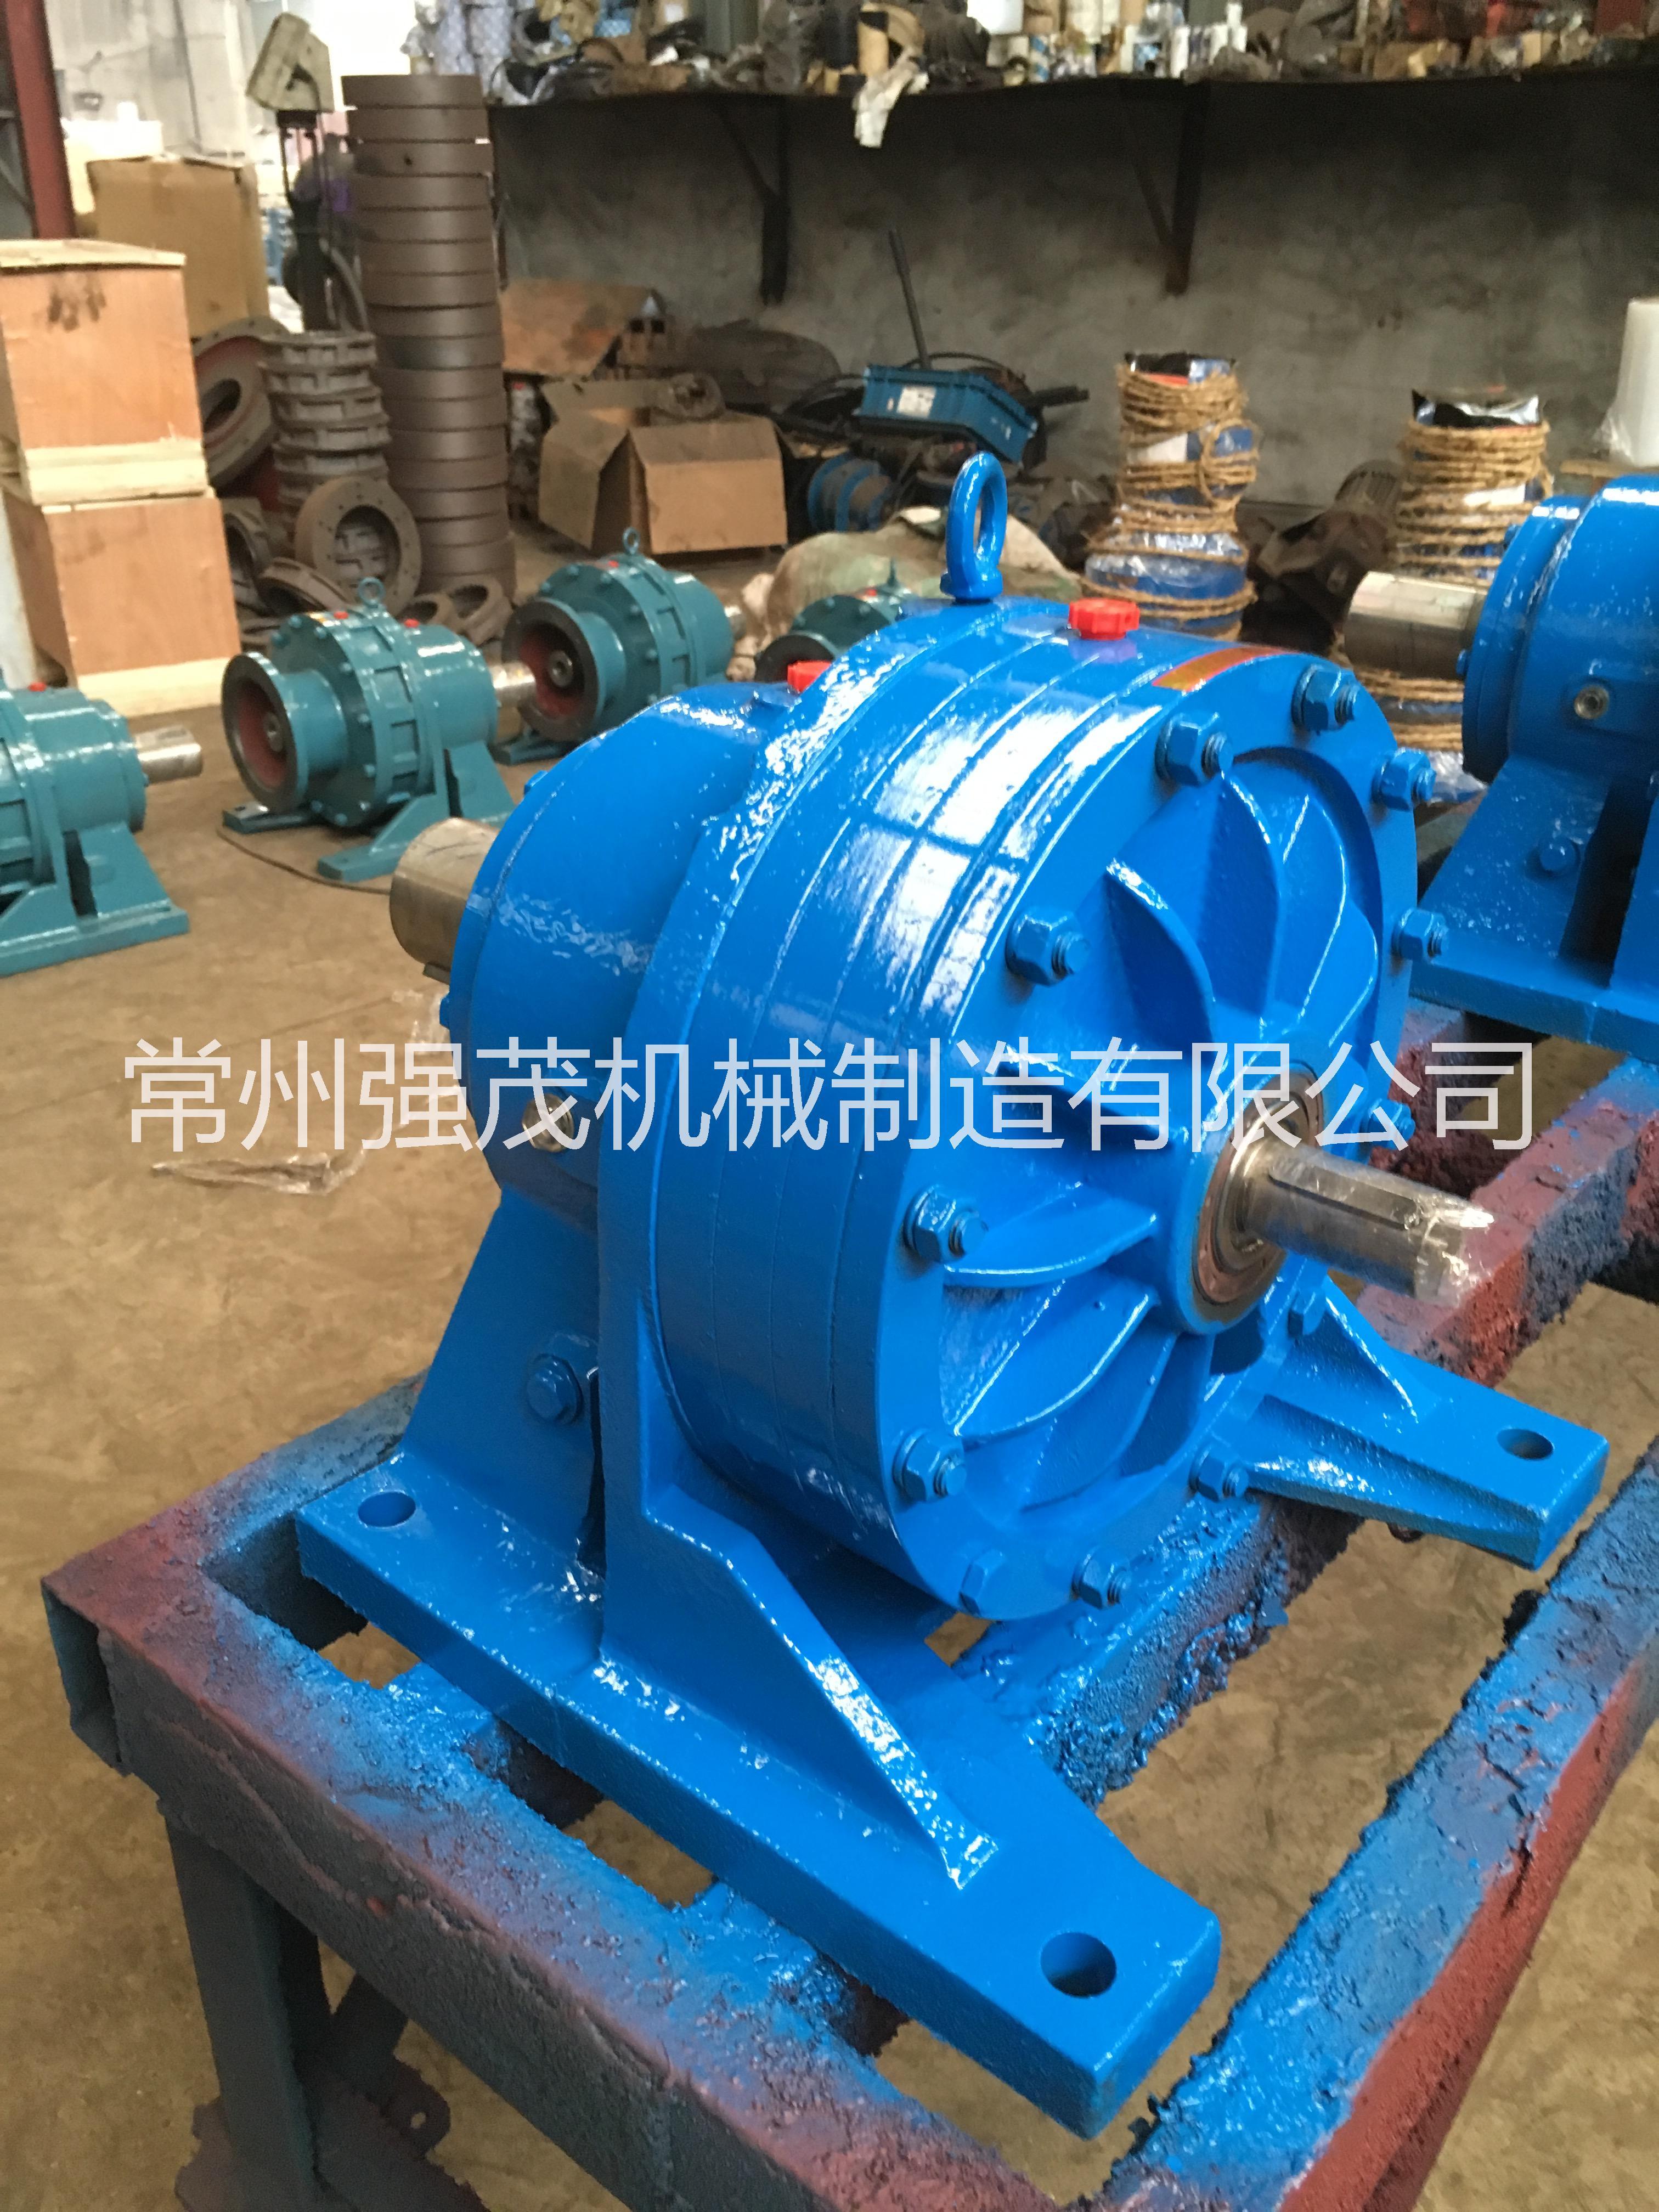 专业生产摆线针轮减速机 BW4摆线针轮减速机